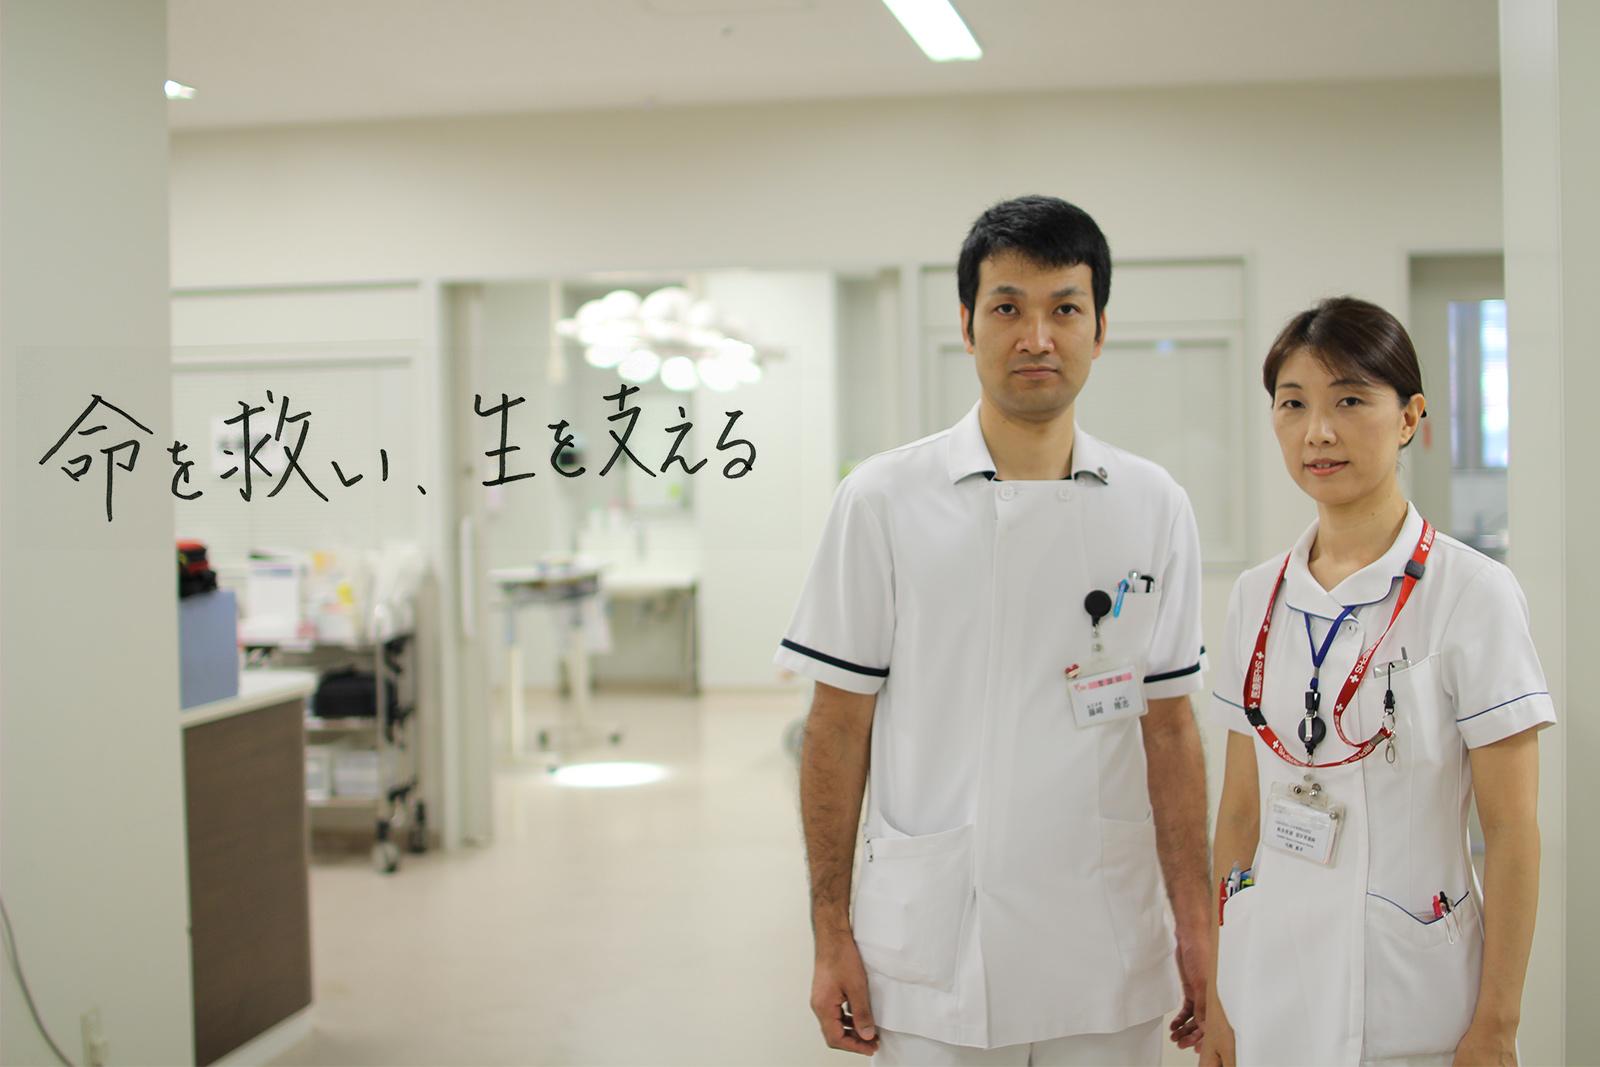 【認定看護師の試験】合格者に聞いた<1回でパスする方法>